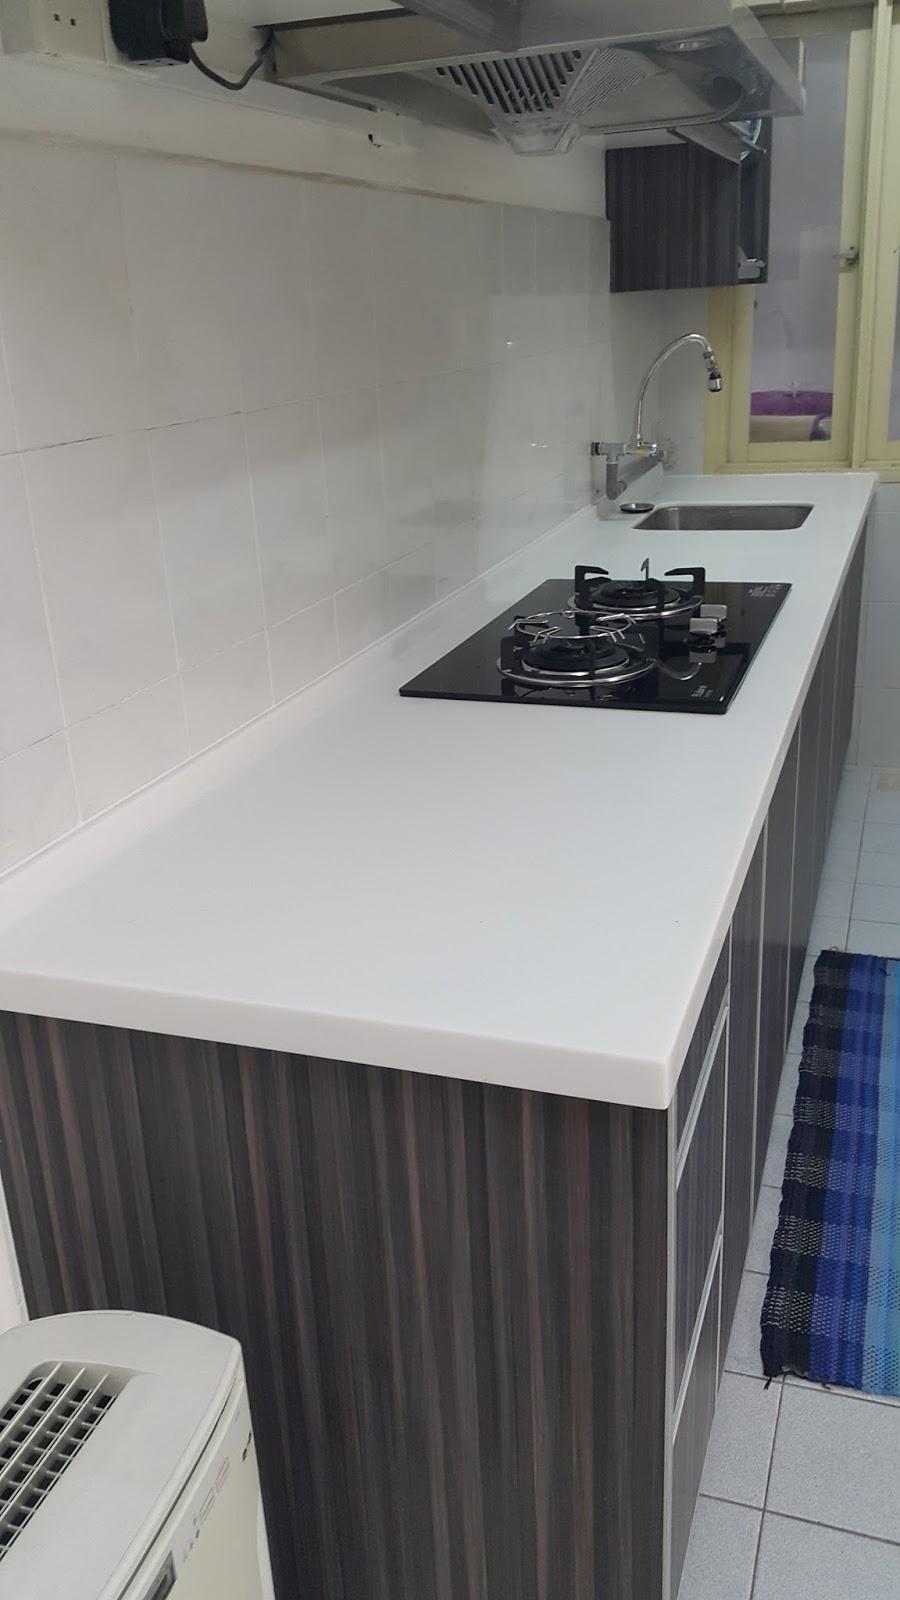 Kabinet Dapur Menggunakan Material Melamin Solid Surface Top